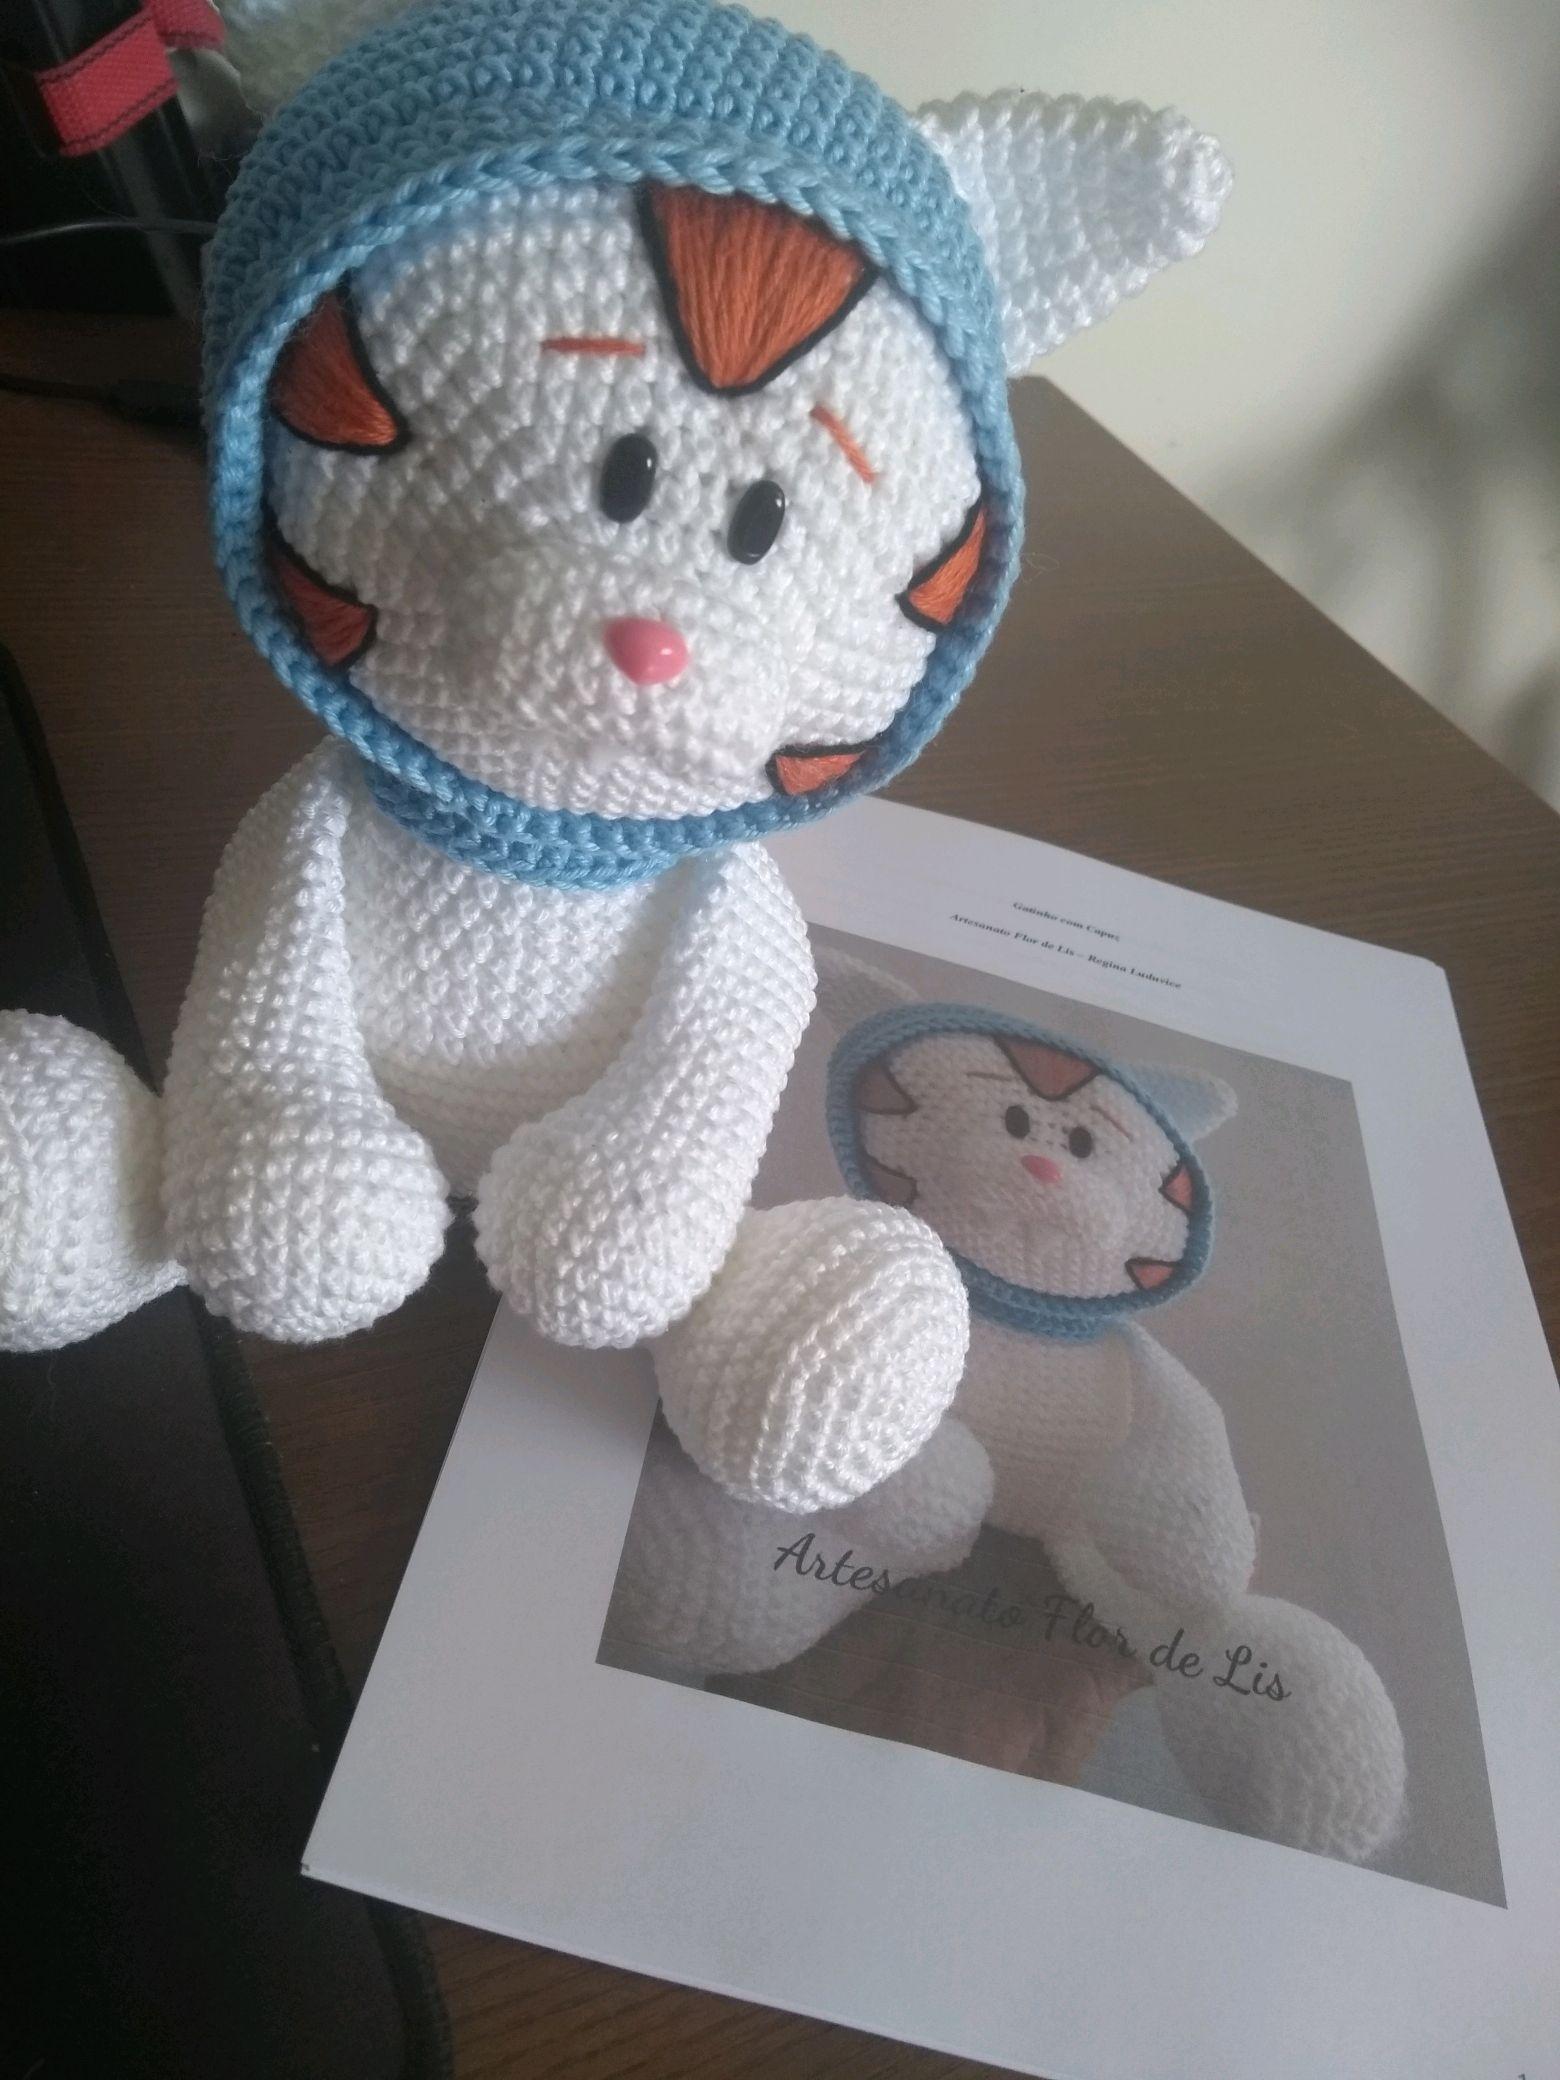 Amigurumis - Bonecos em crochê | Receitas de croche, Unicórnio de ... | 2080x1560